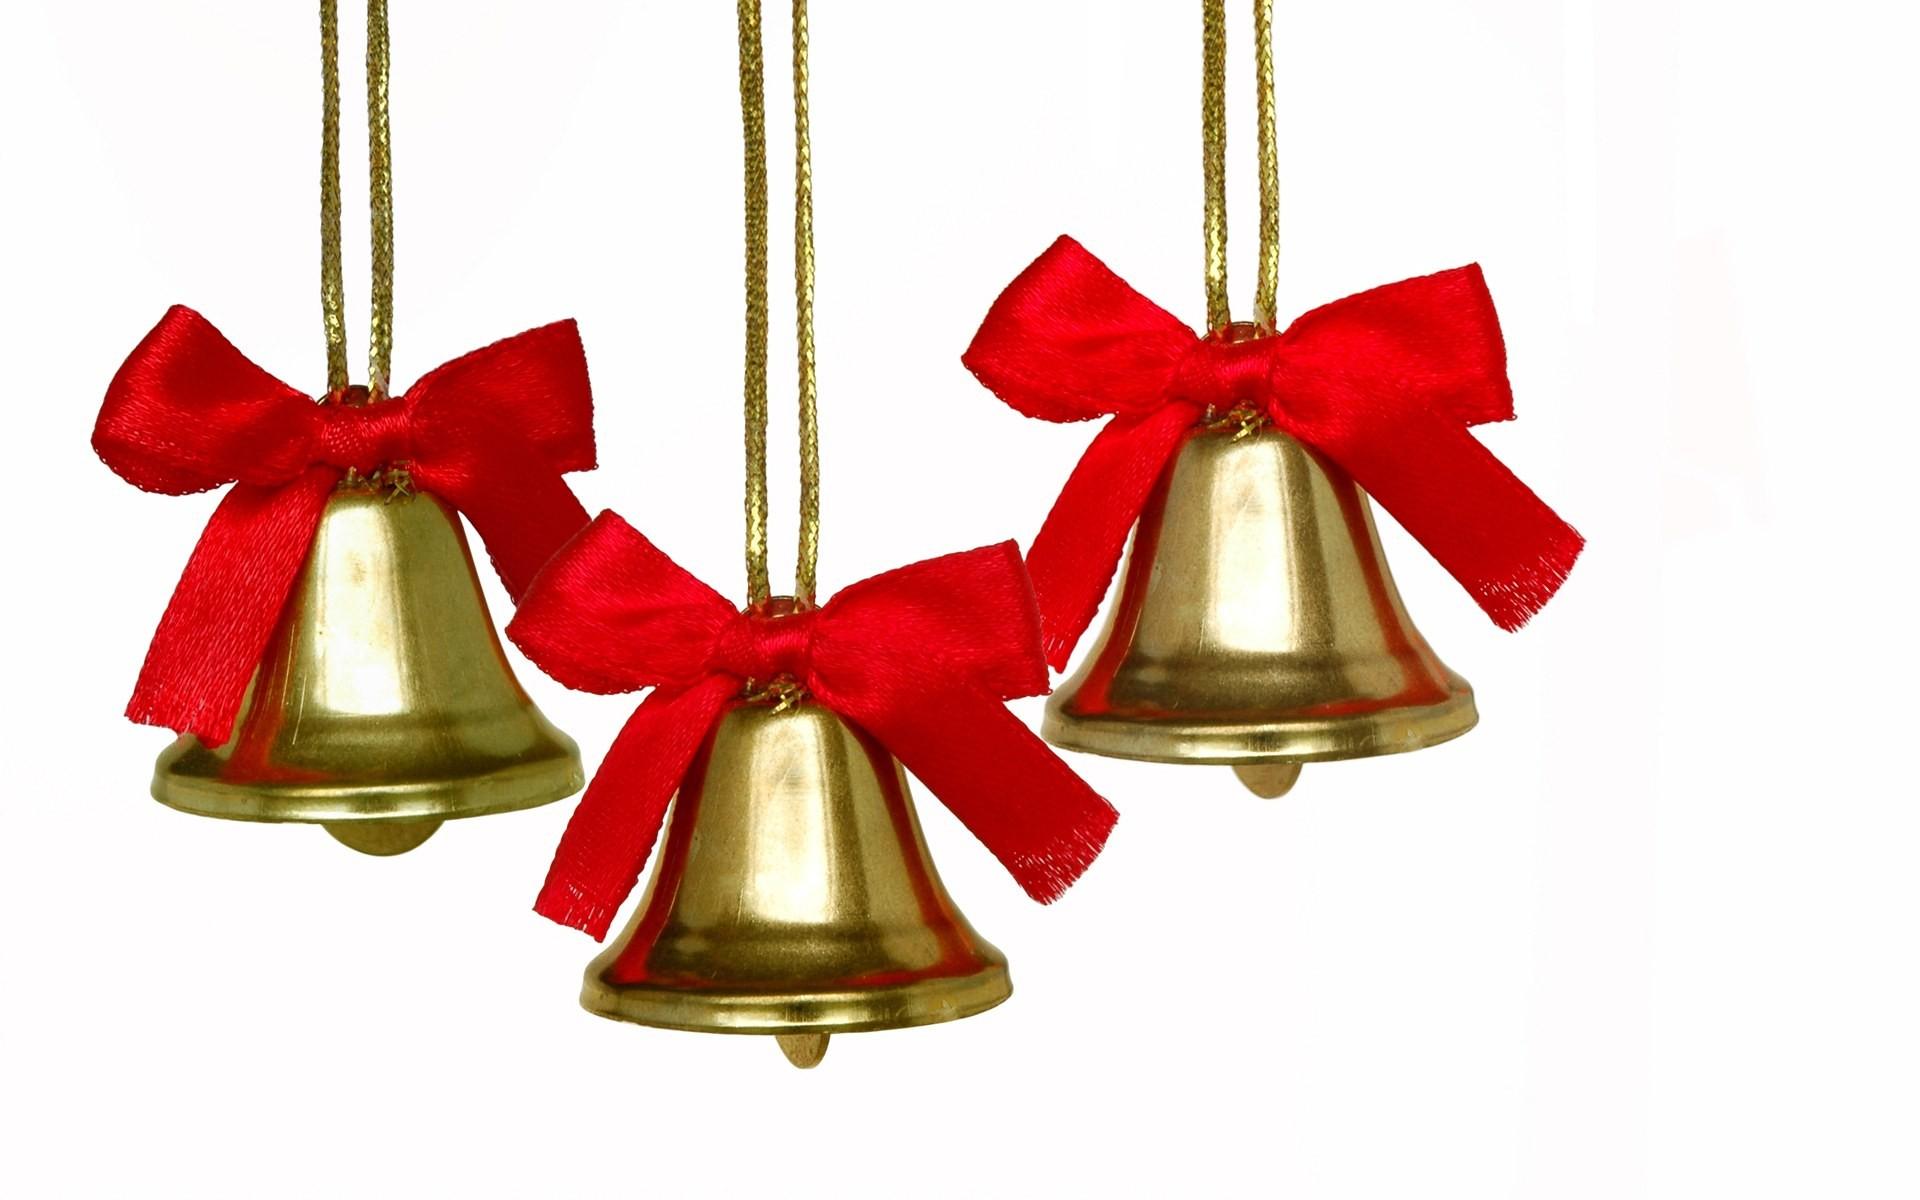 Adornos de campanas para rbol hd 1920x1200 imagenes for Adornos arbol navidad online